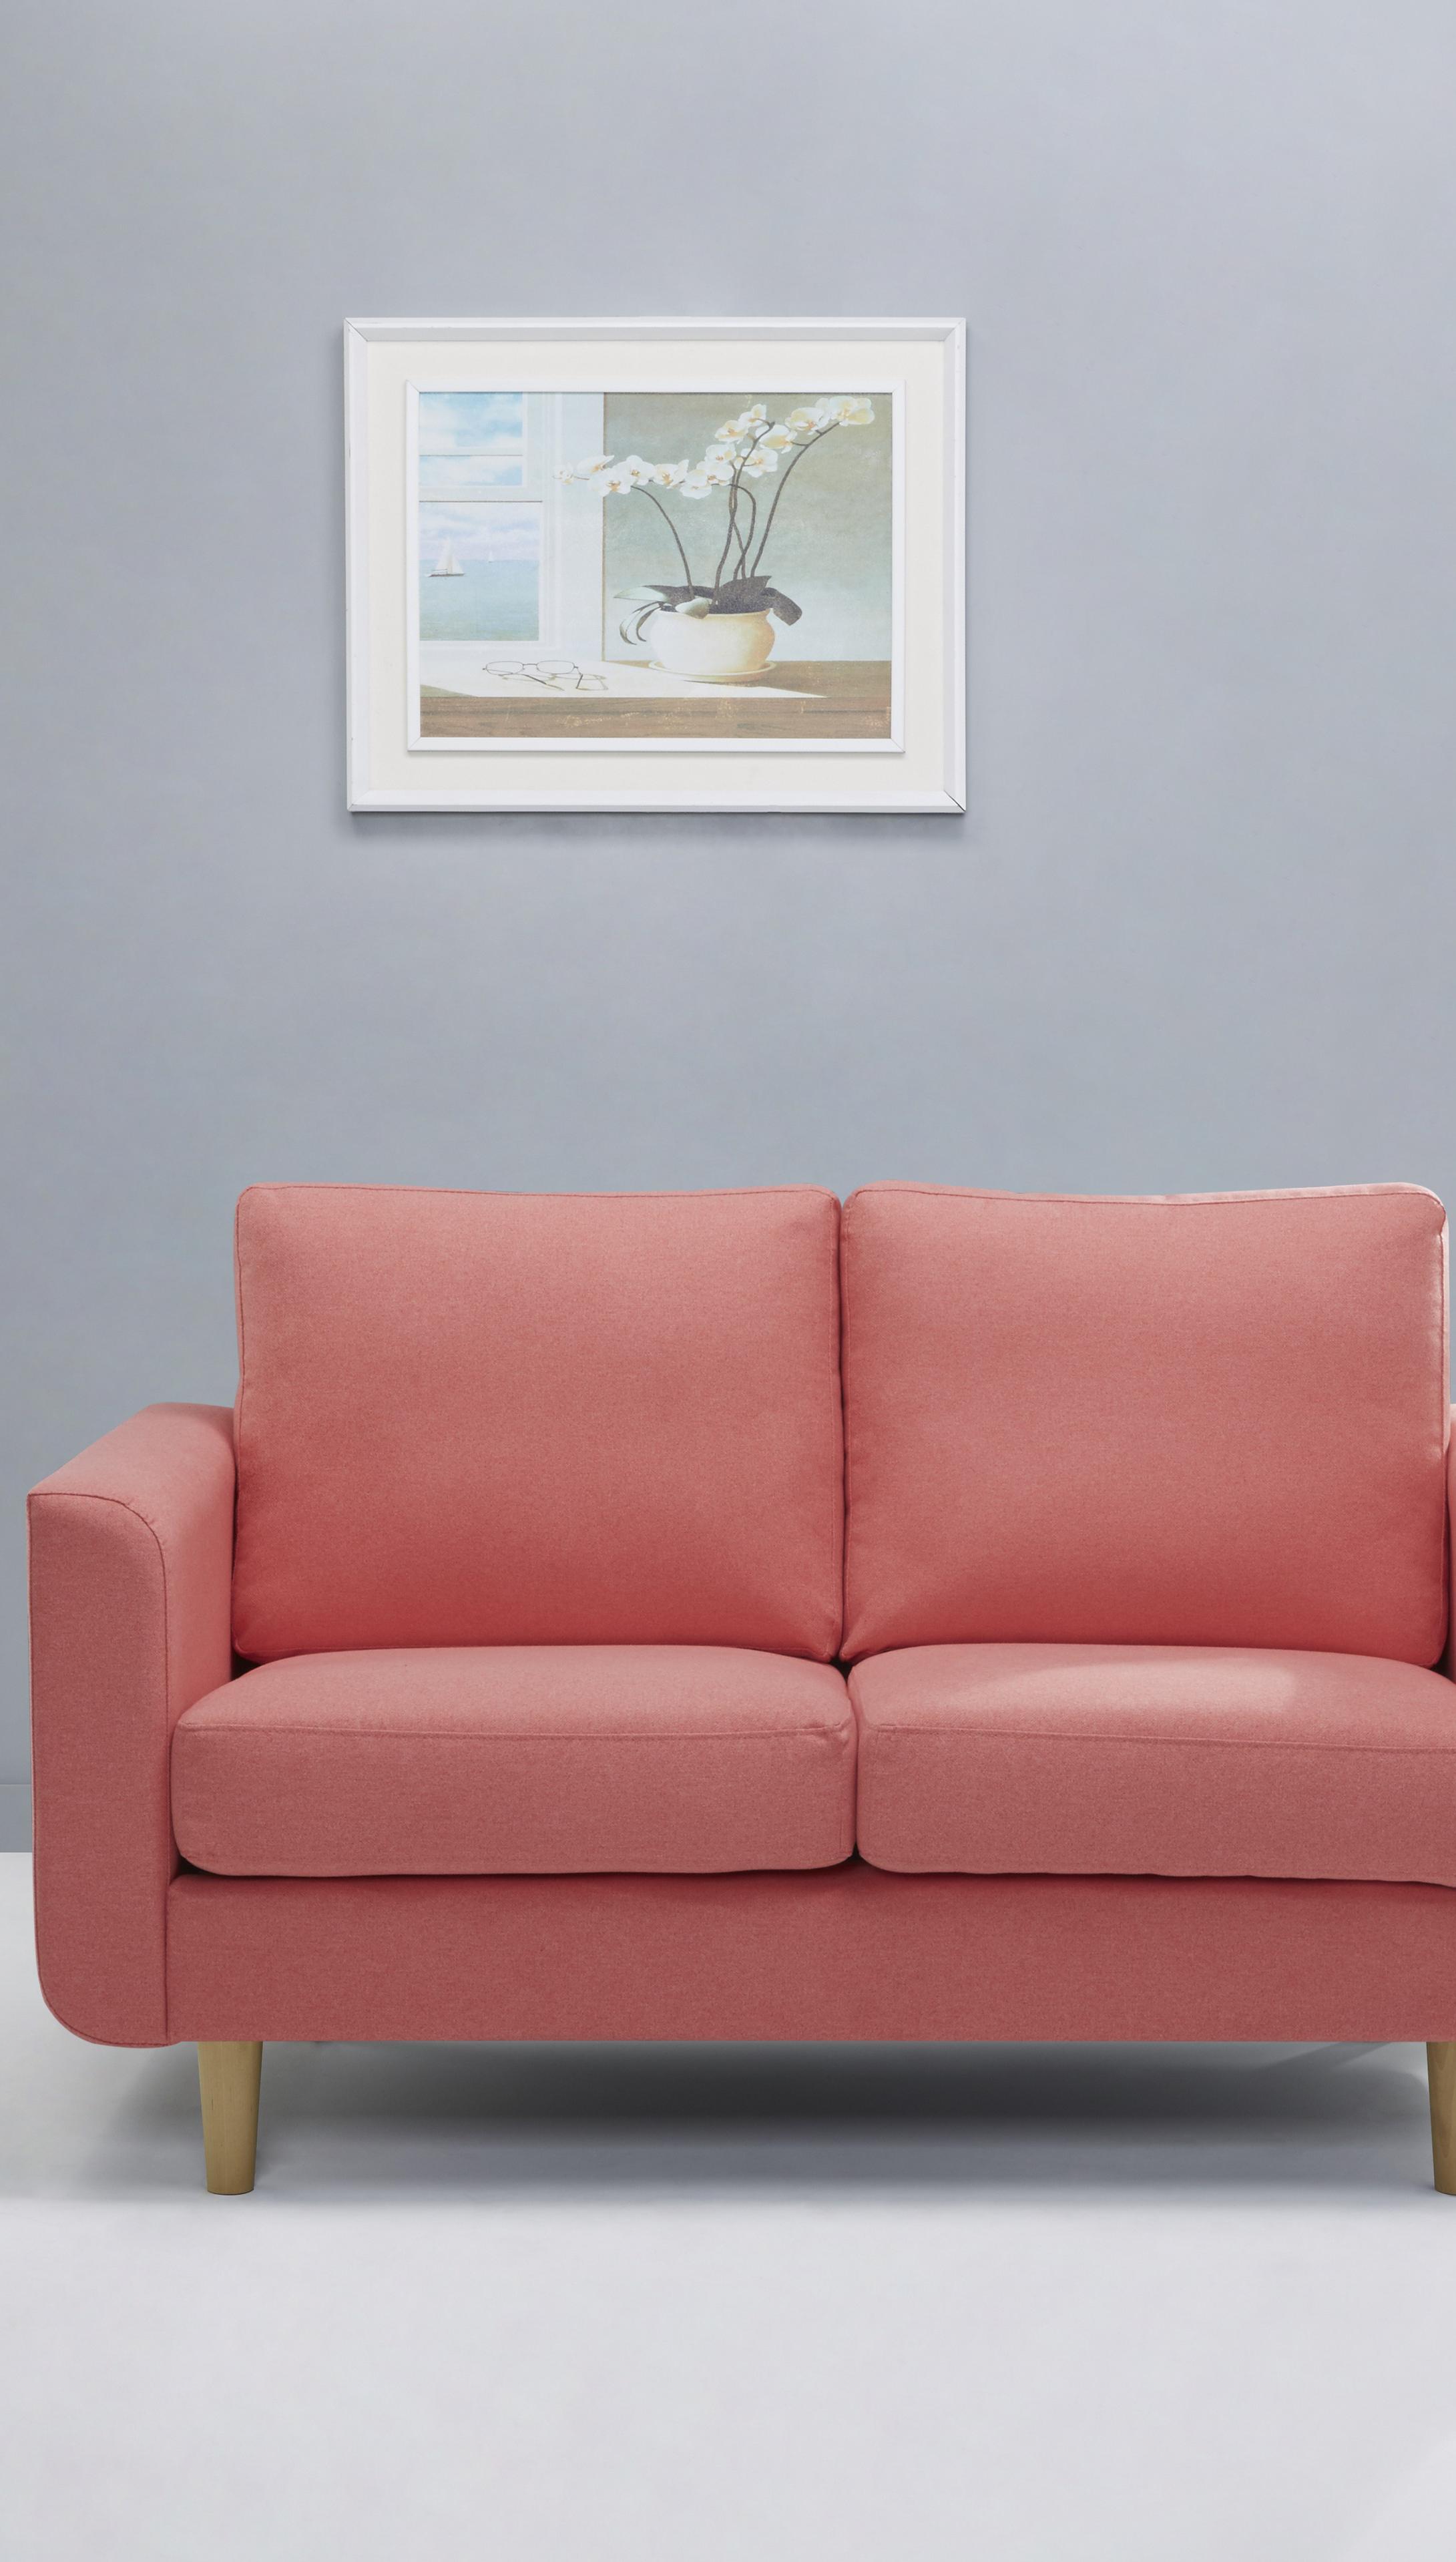 Modernes Soda Mit Holzbeinen In Rosa Grau Schwarz Und Blau 2 Sitzer Sofa Wohnraum Zimmer